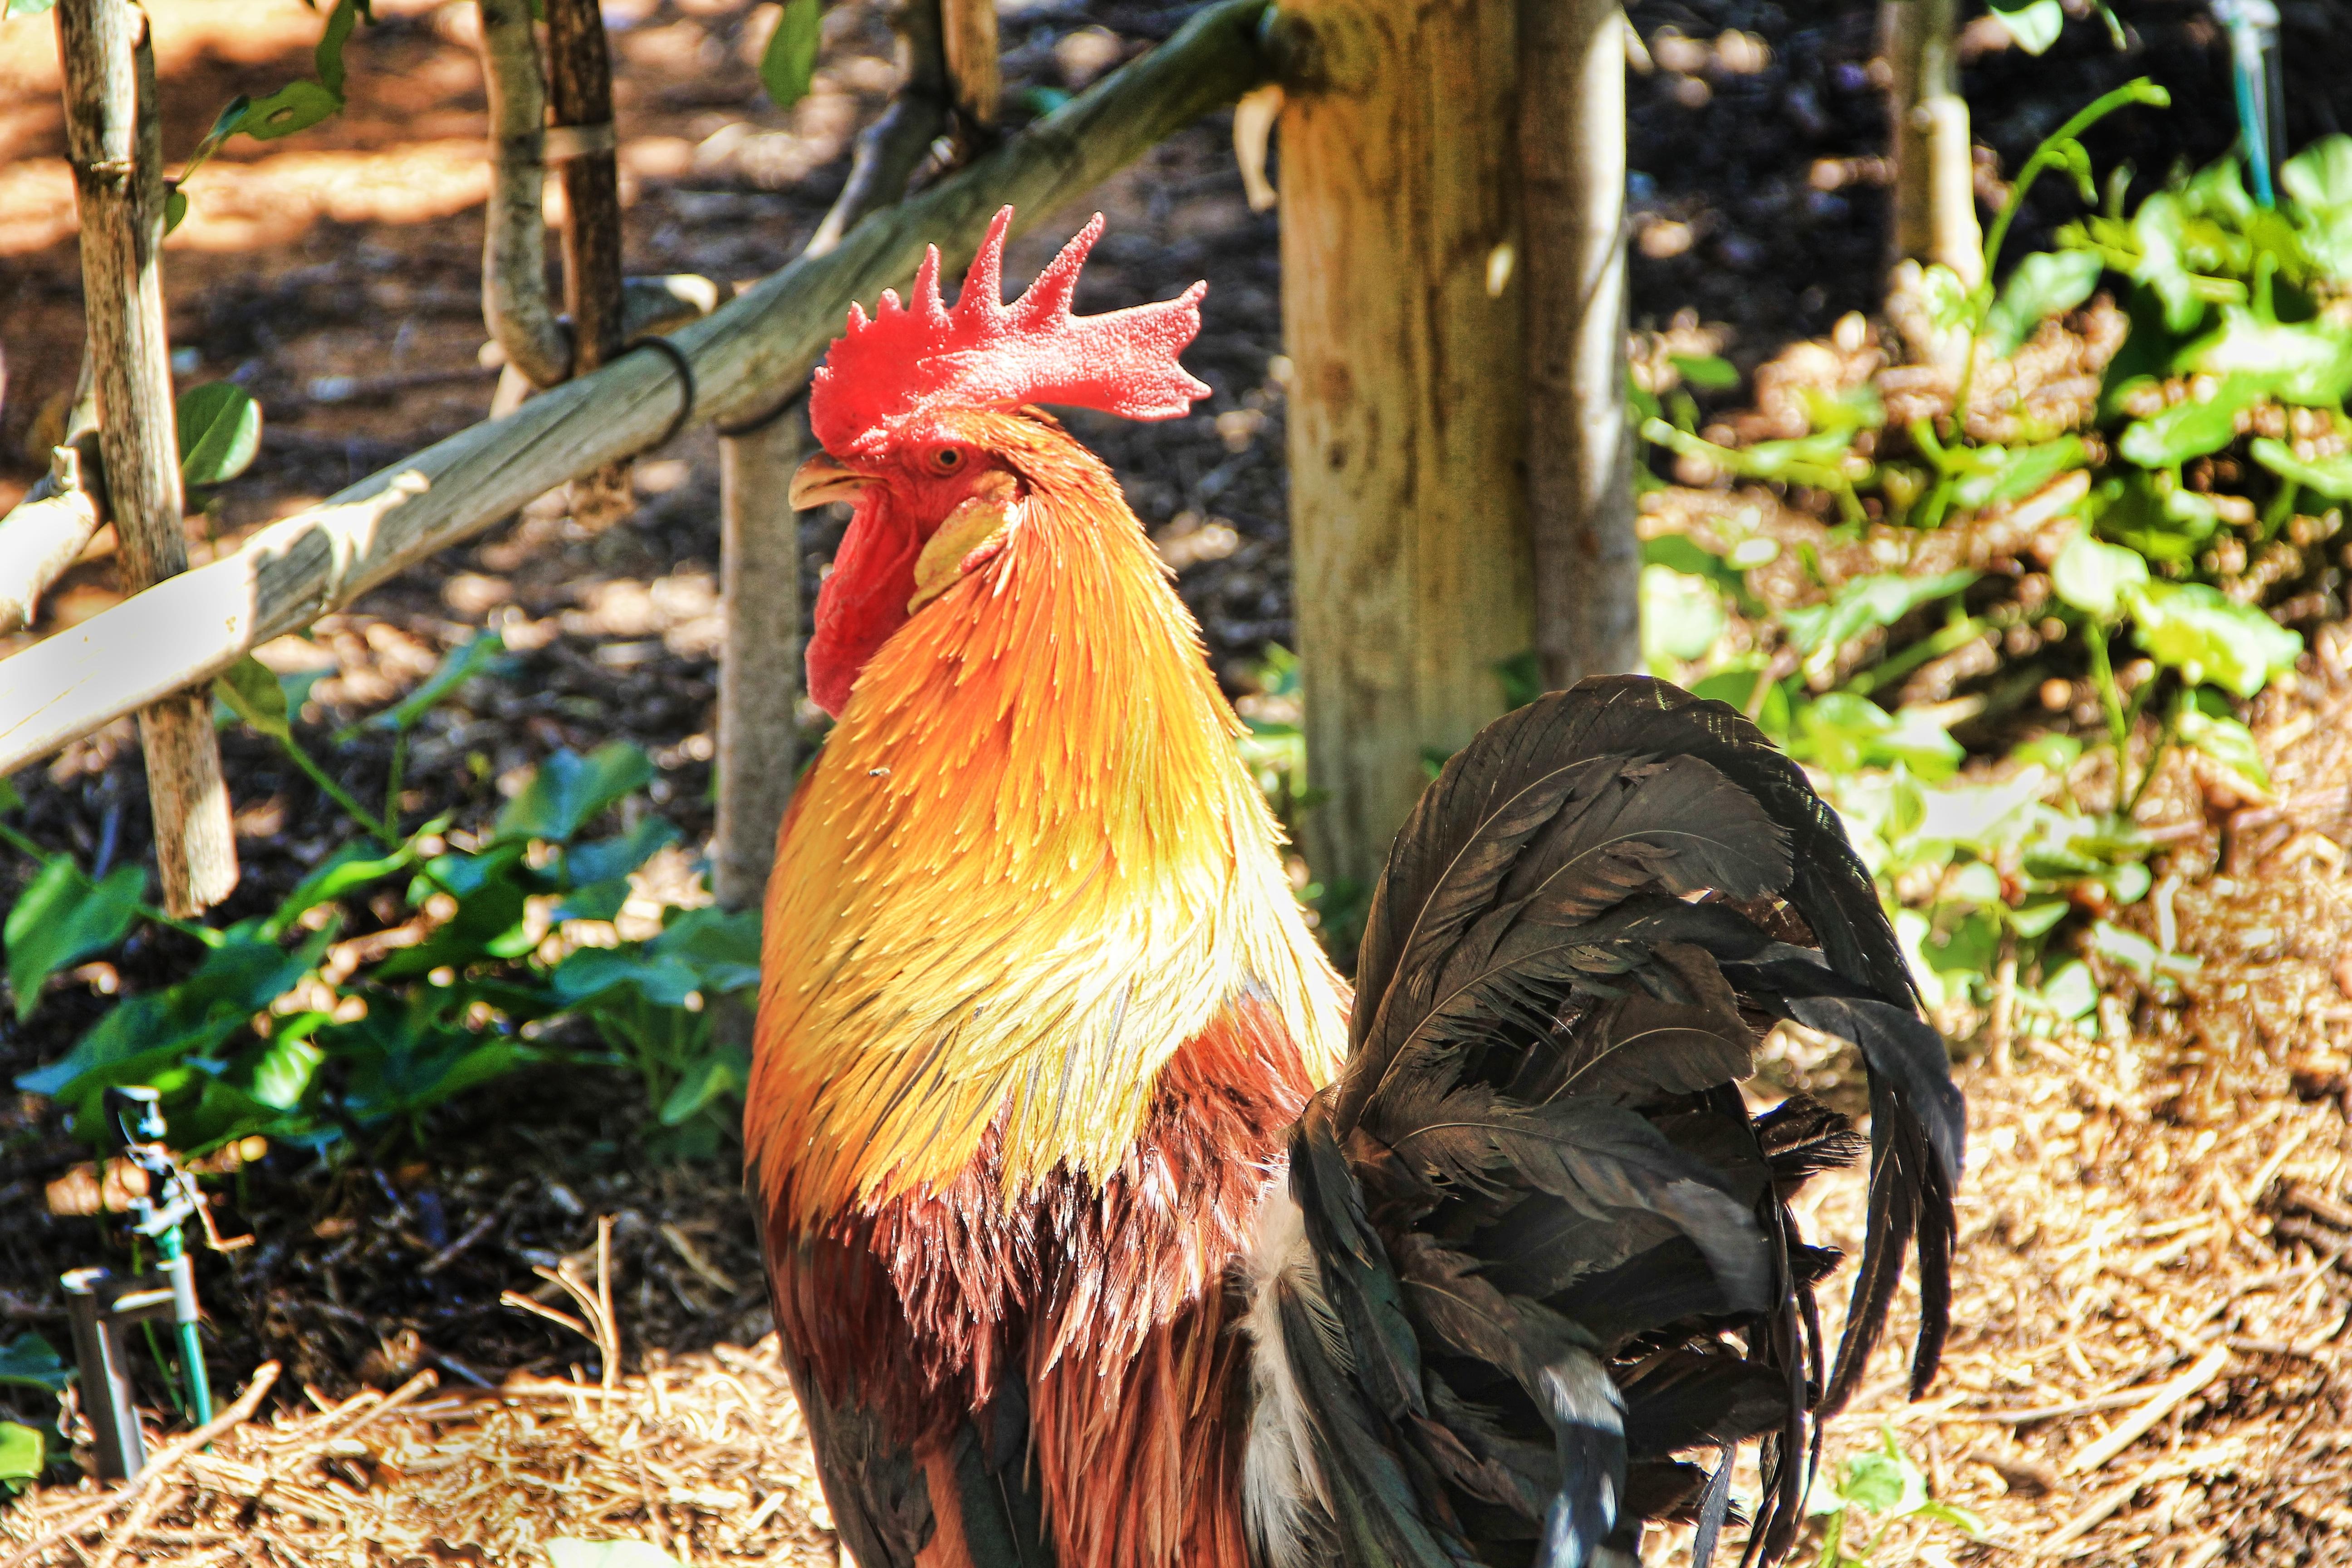 Poze Fermă Colorat Pană Pui Găină Faună Păsări De